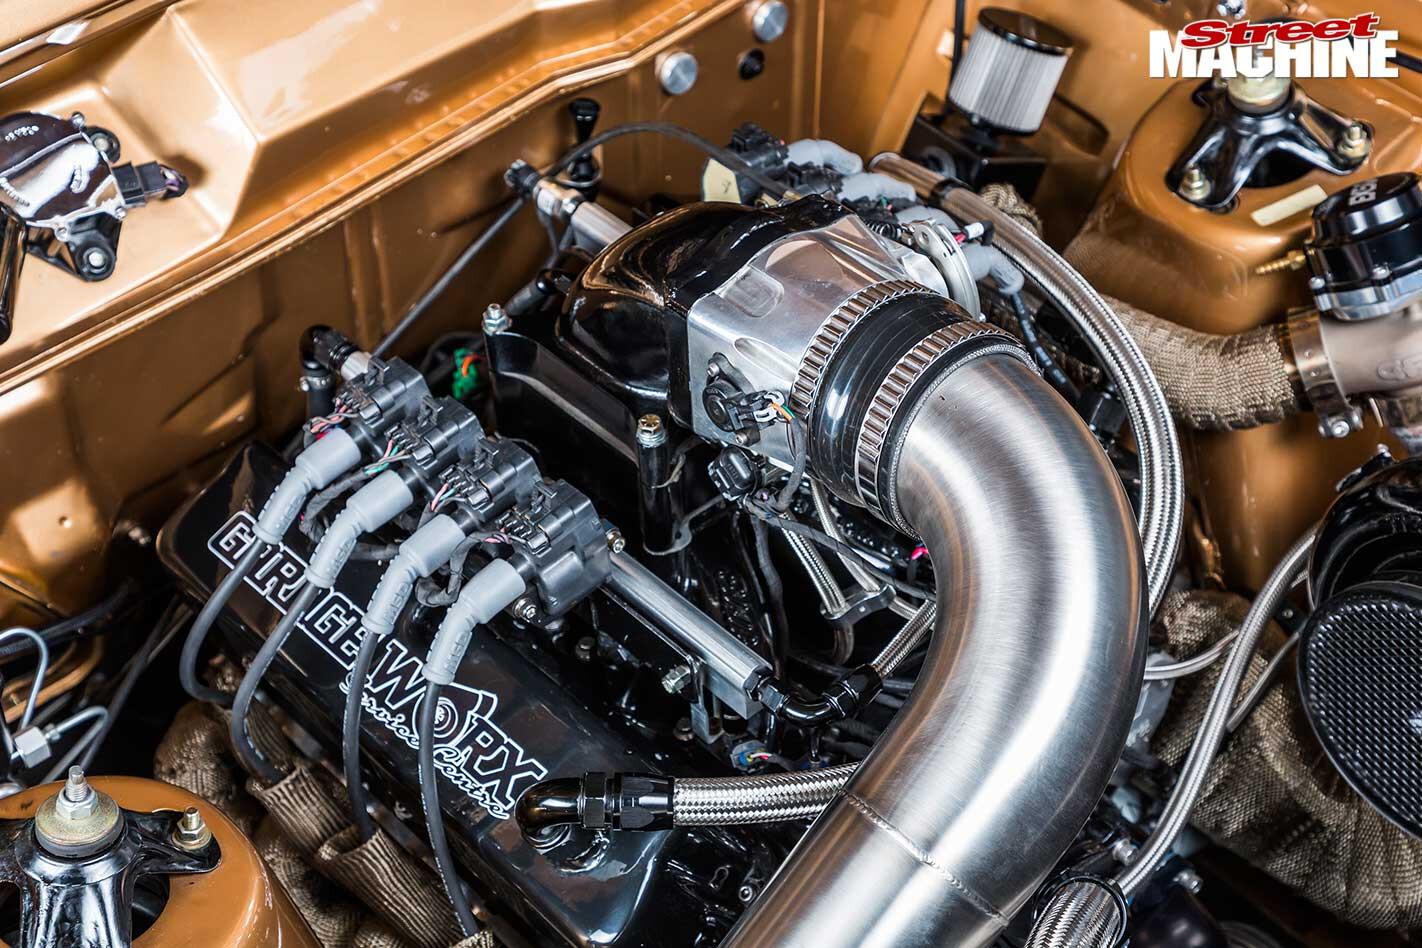 Ford XR Falcon engine bay